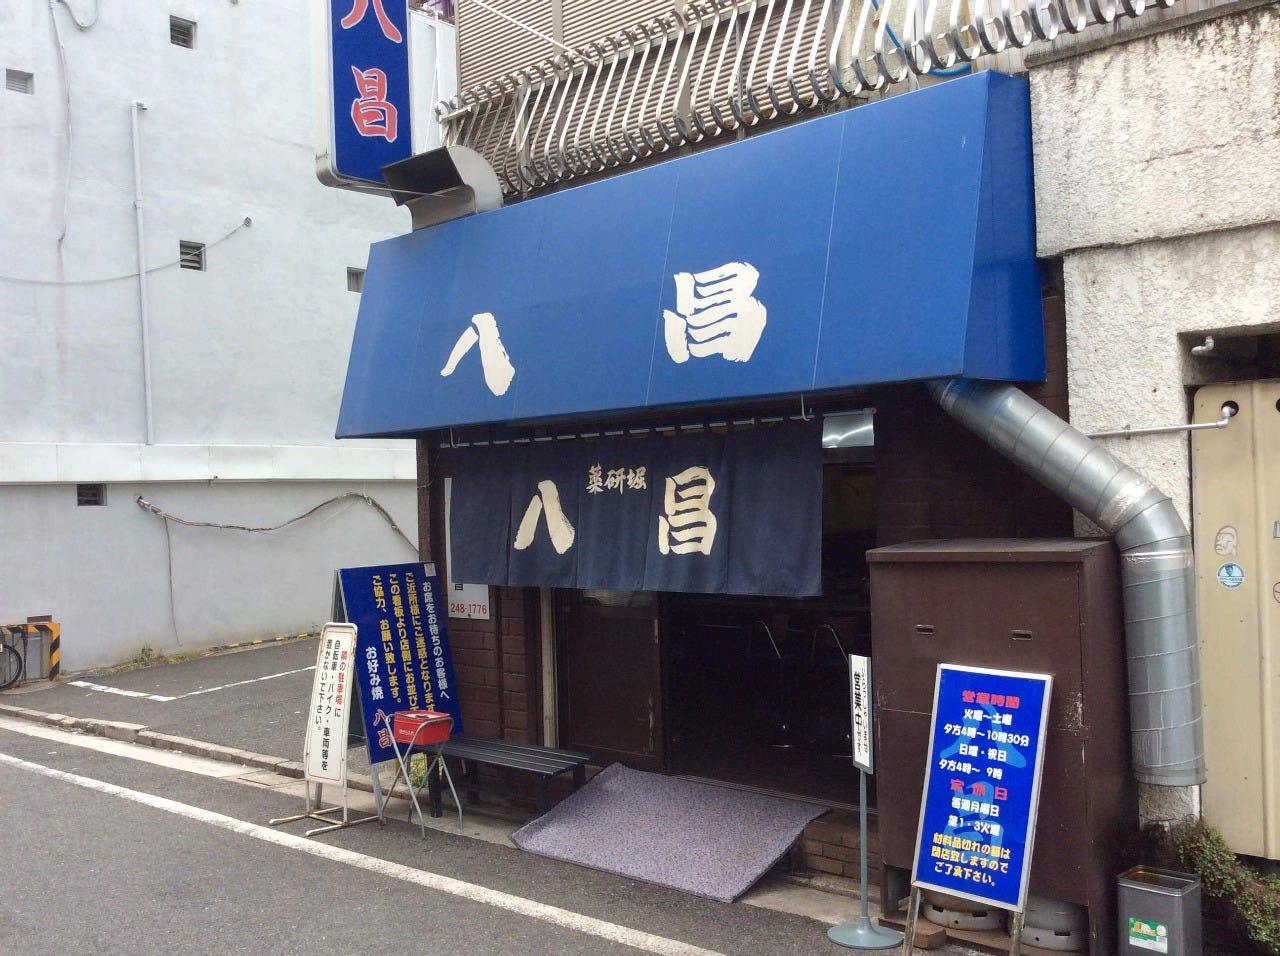 広島グルメといえば「お好み焼き」!ご当地グルメライターおすすめの名店12選の画像